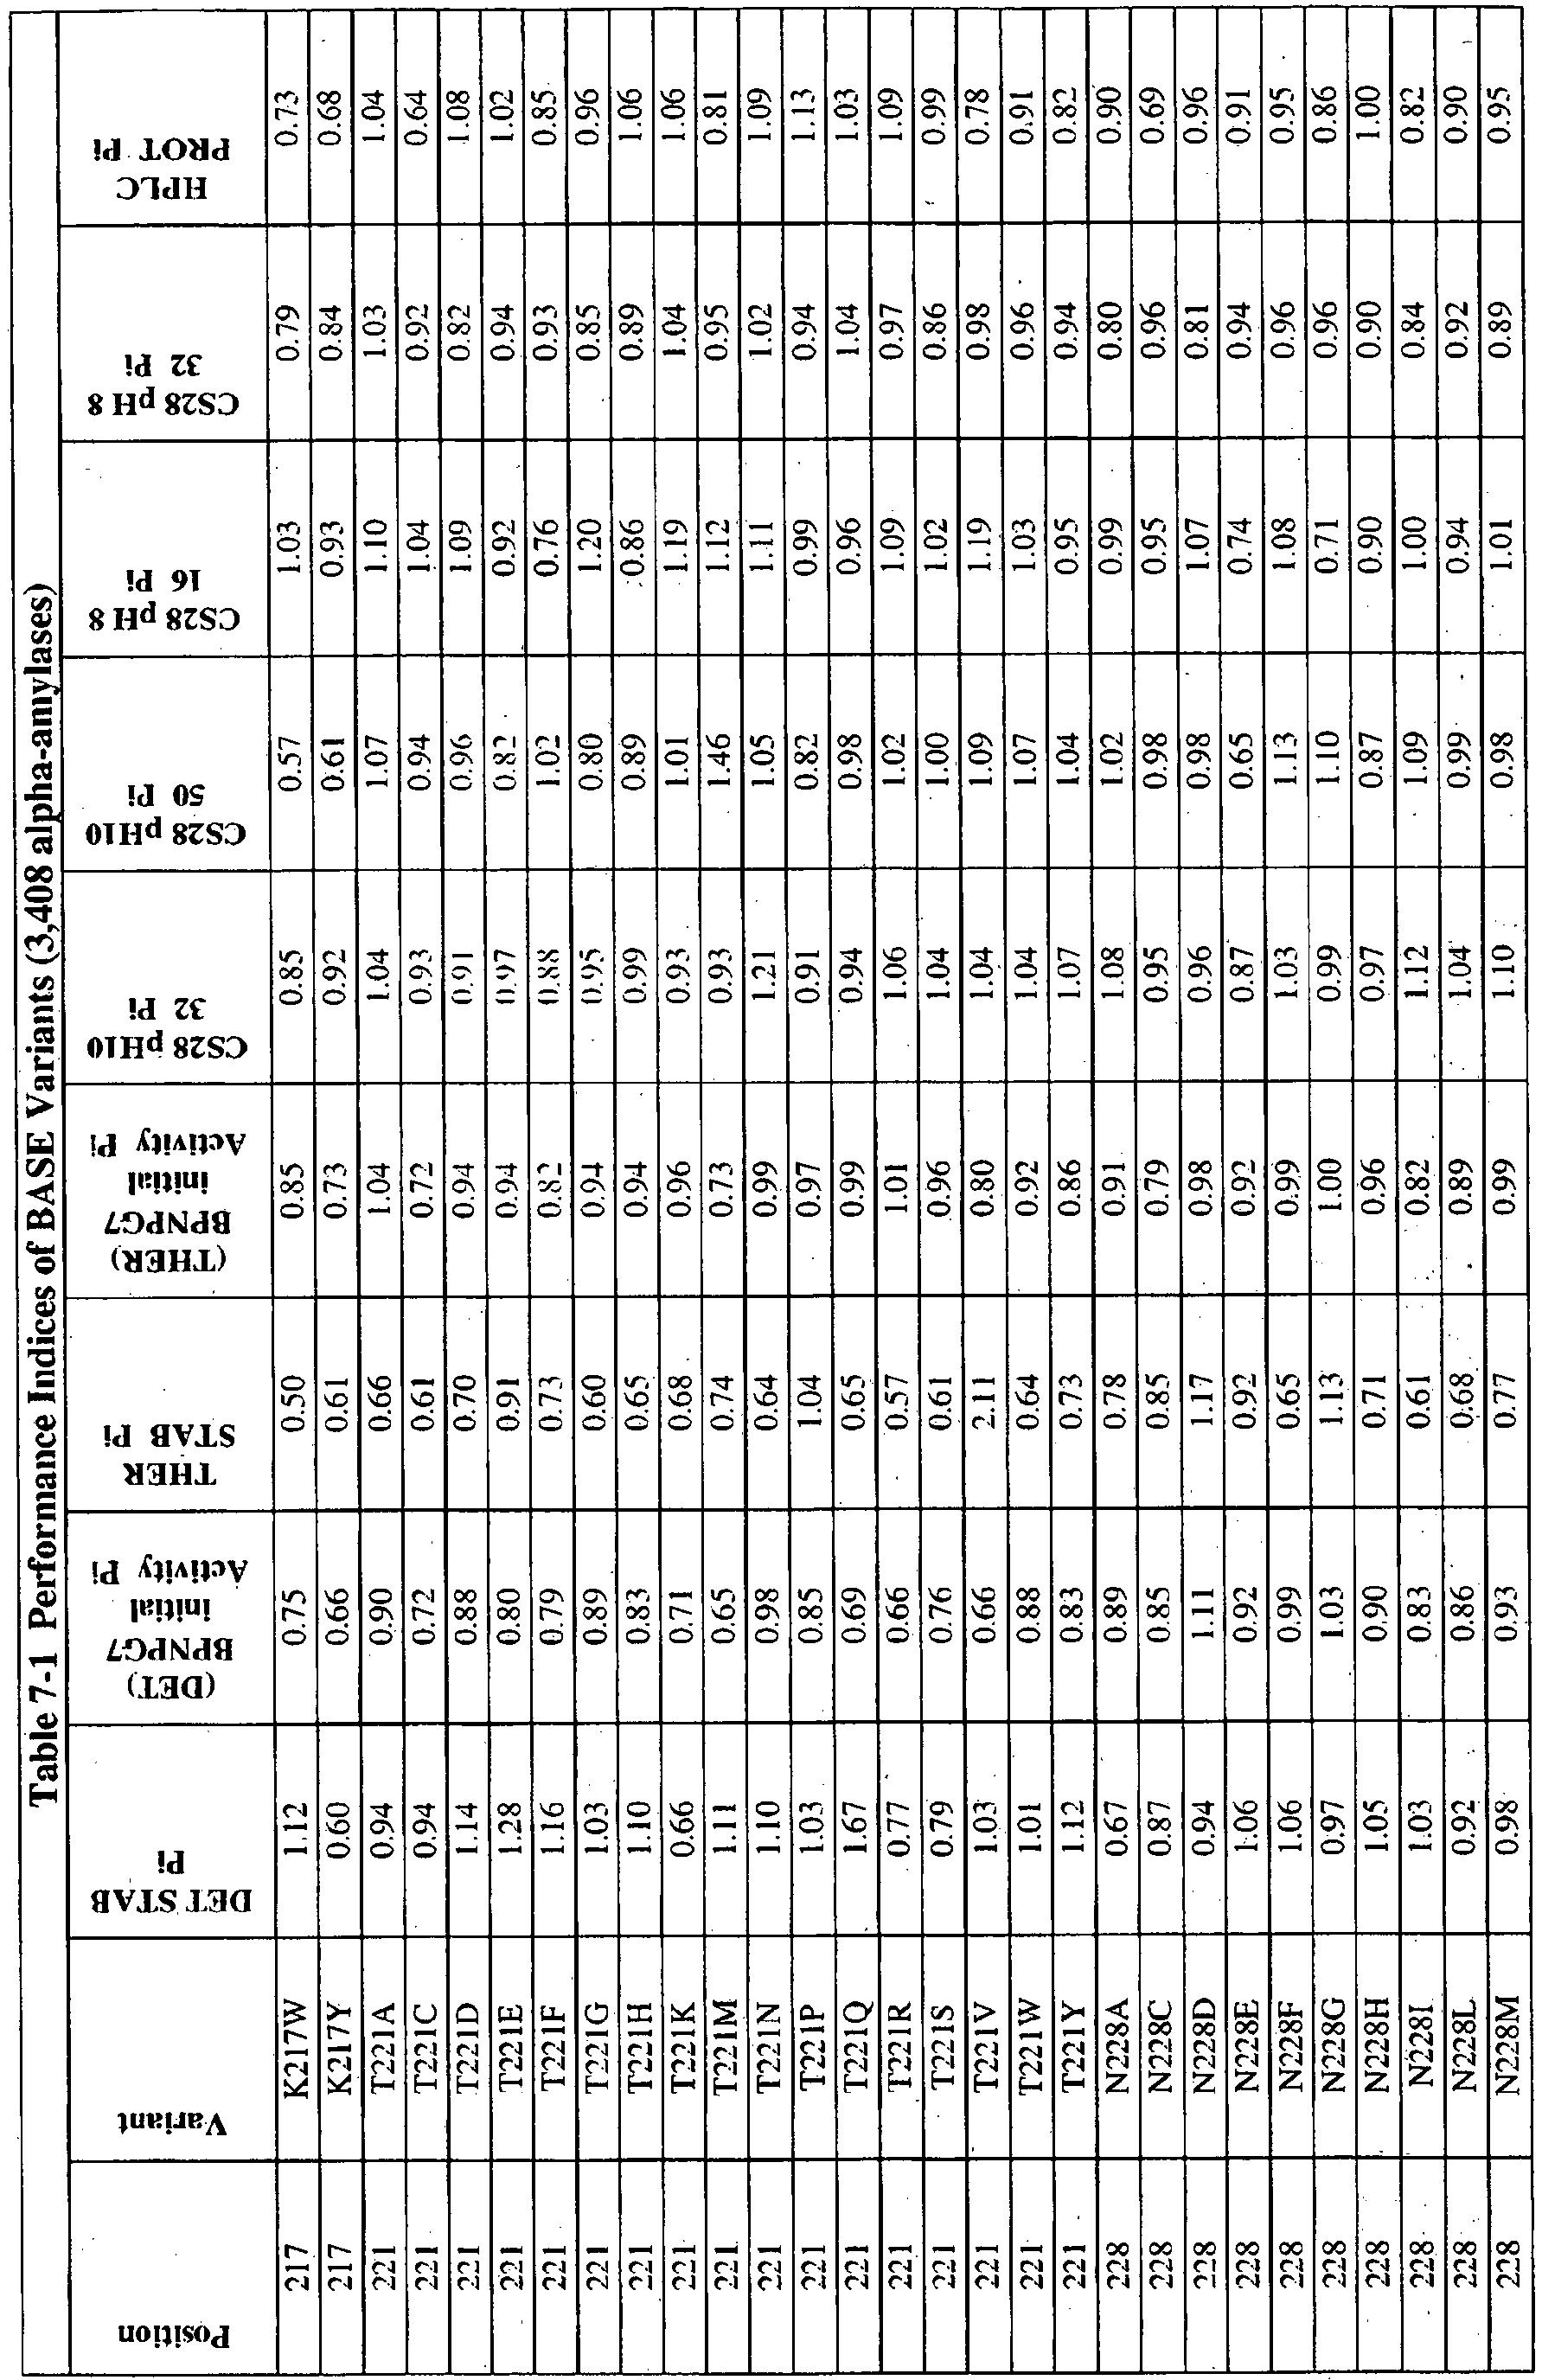 tsb 0151 10